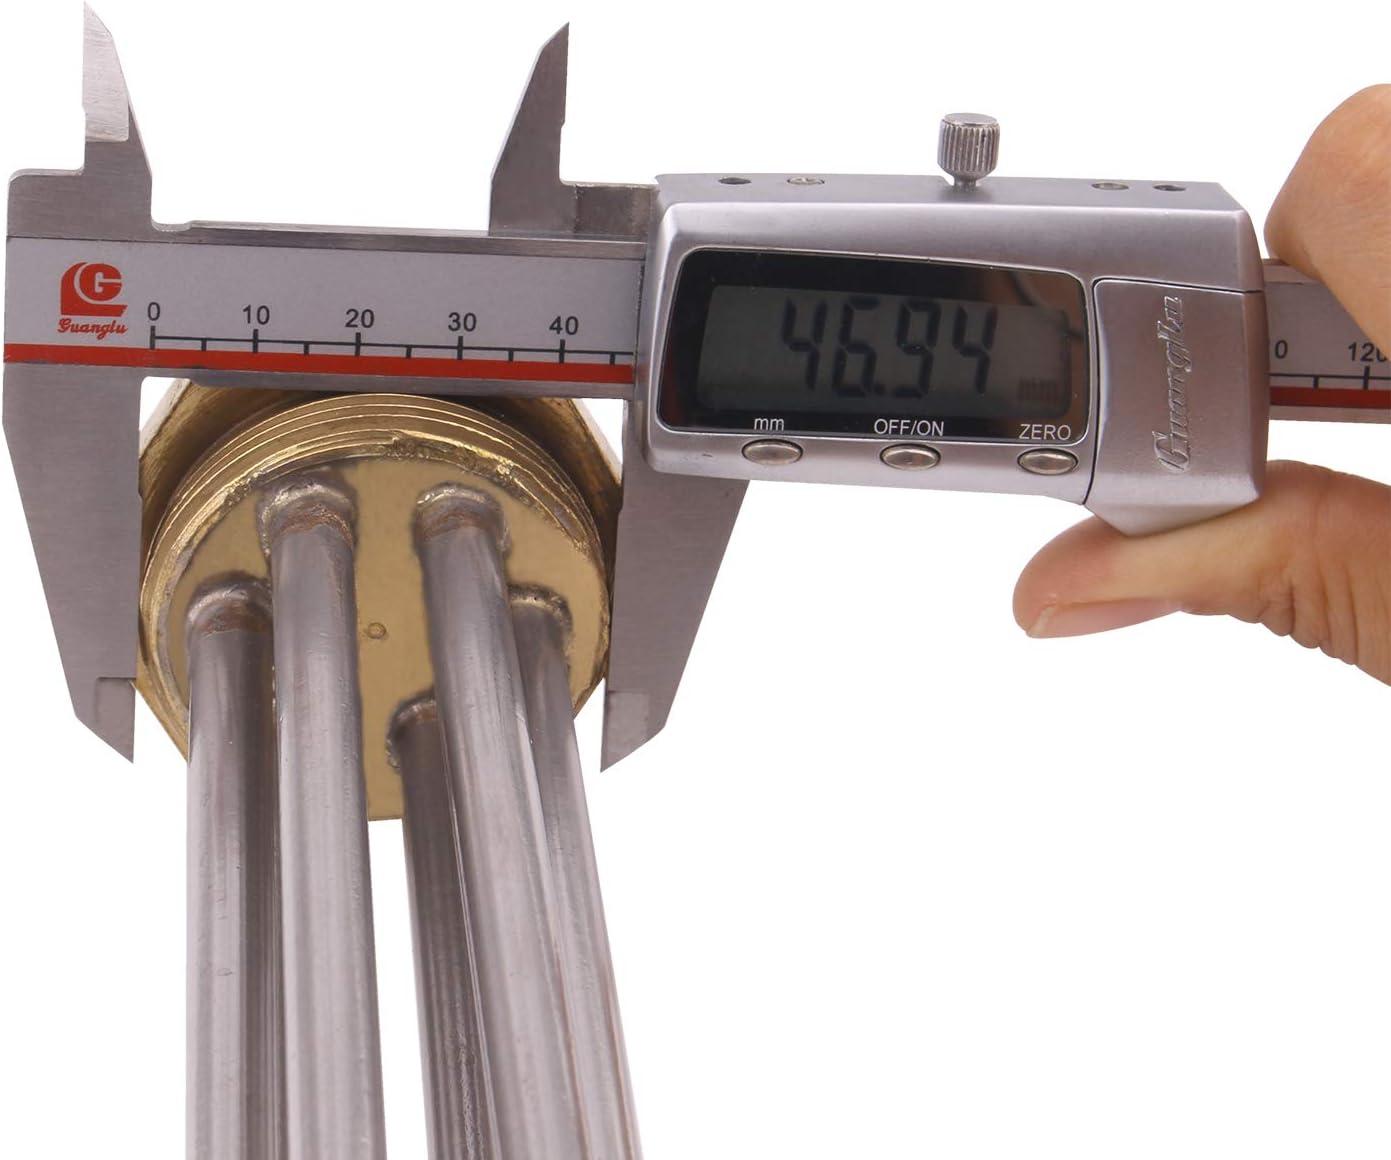 220-240V 3000W /Él/ément chauffant pour chauffe-eau Acier Inoxydable AIICOO R/ésistance Chauffante 1.5 inch Flange Capuchon et Bague D/étanch/éit/é sont pr/évus Thermoplongeur